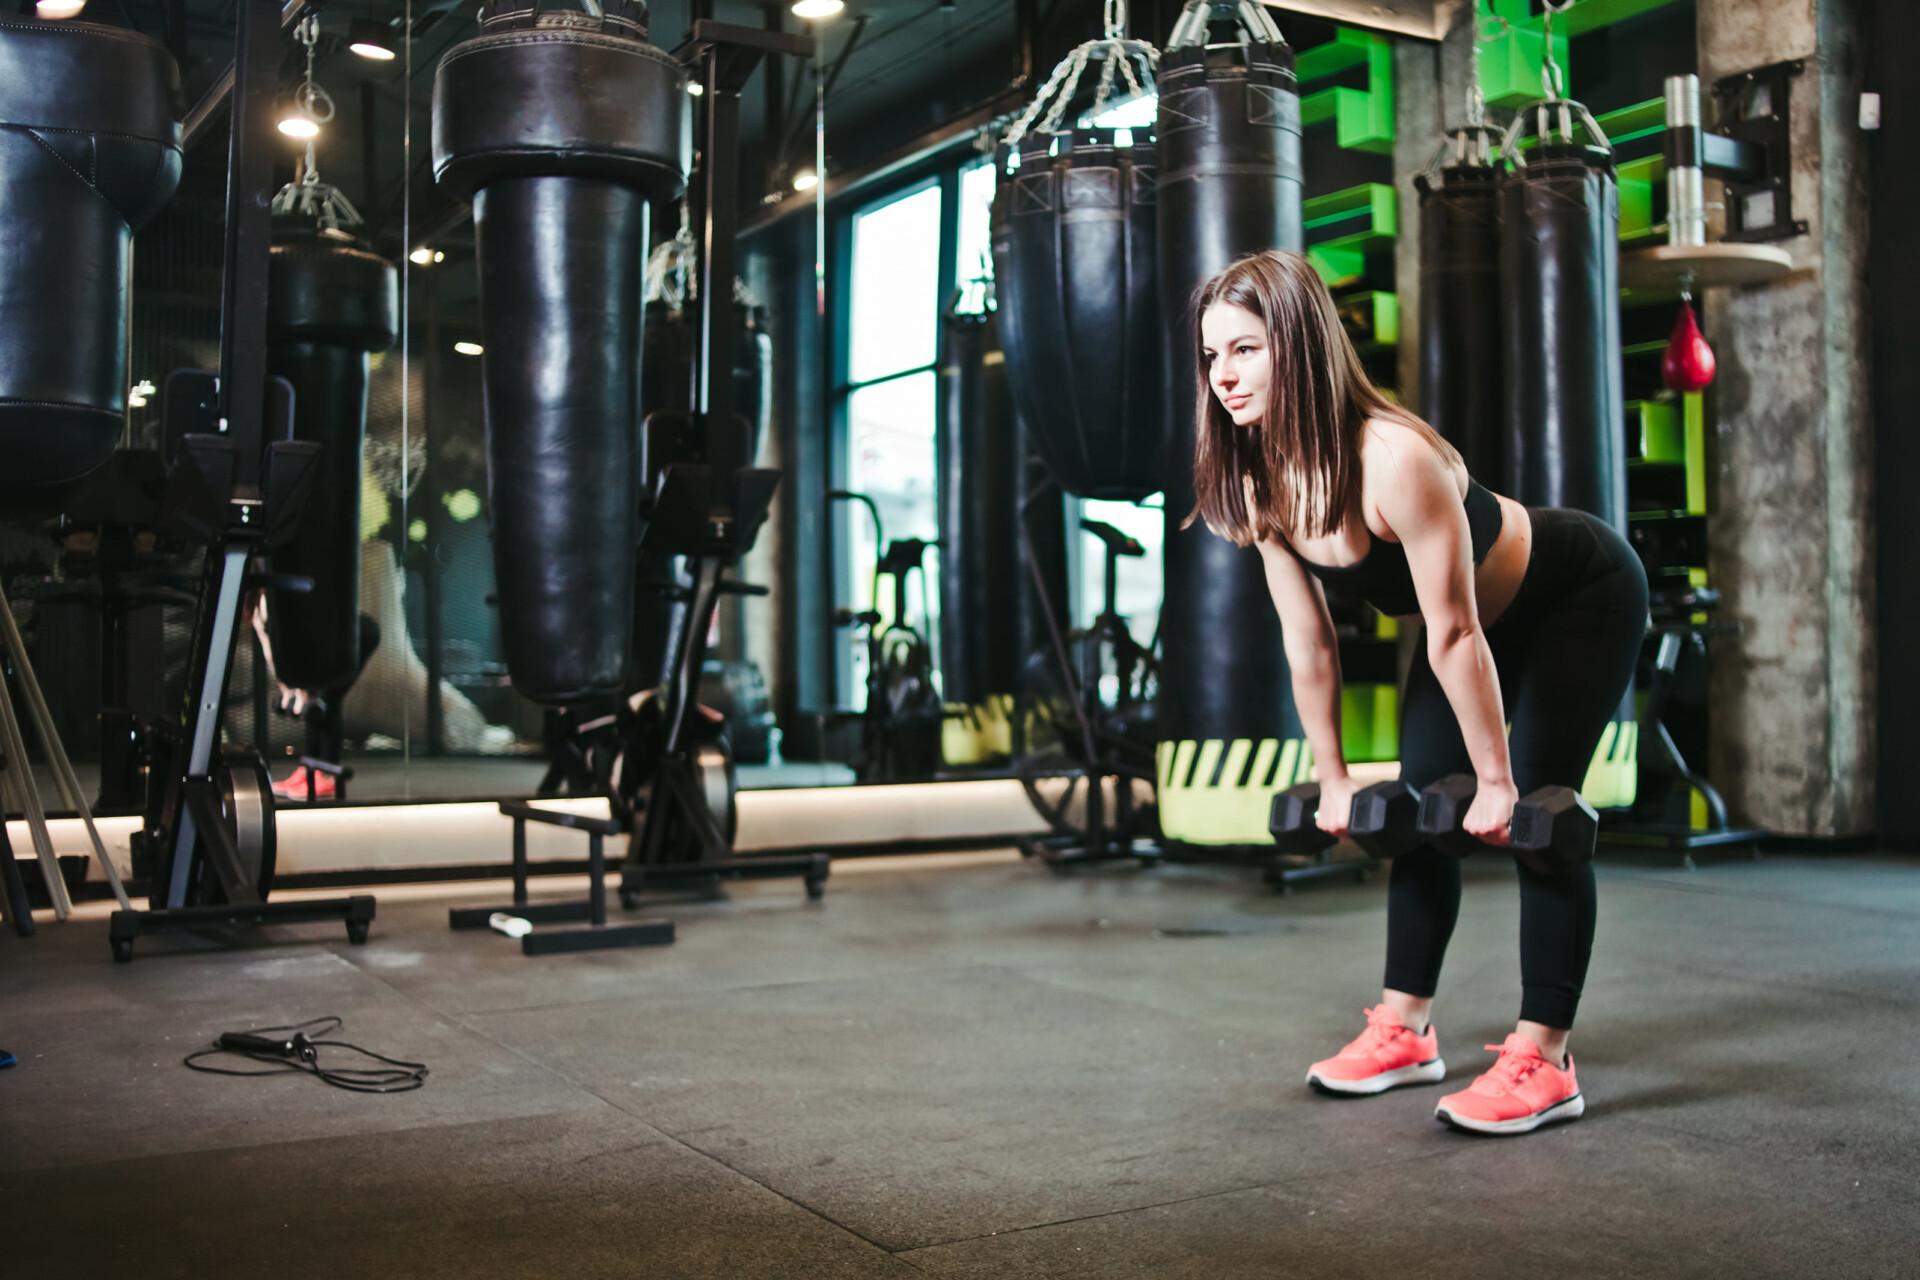 女性がダンベルで背中のトレーニングをしている